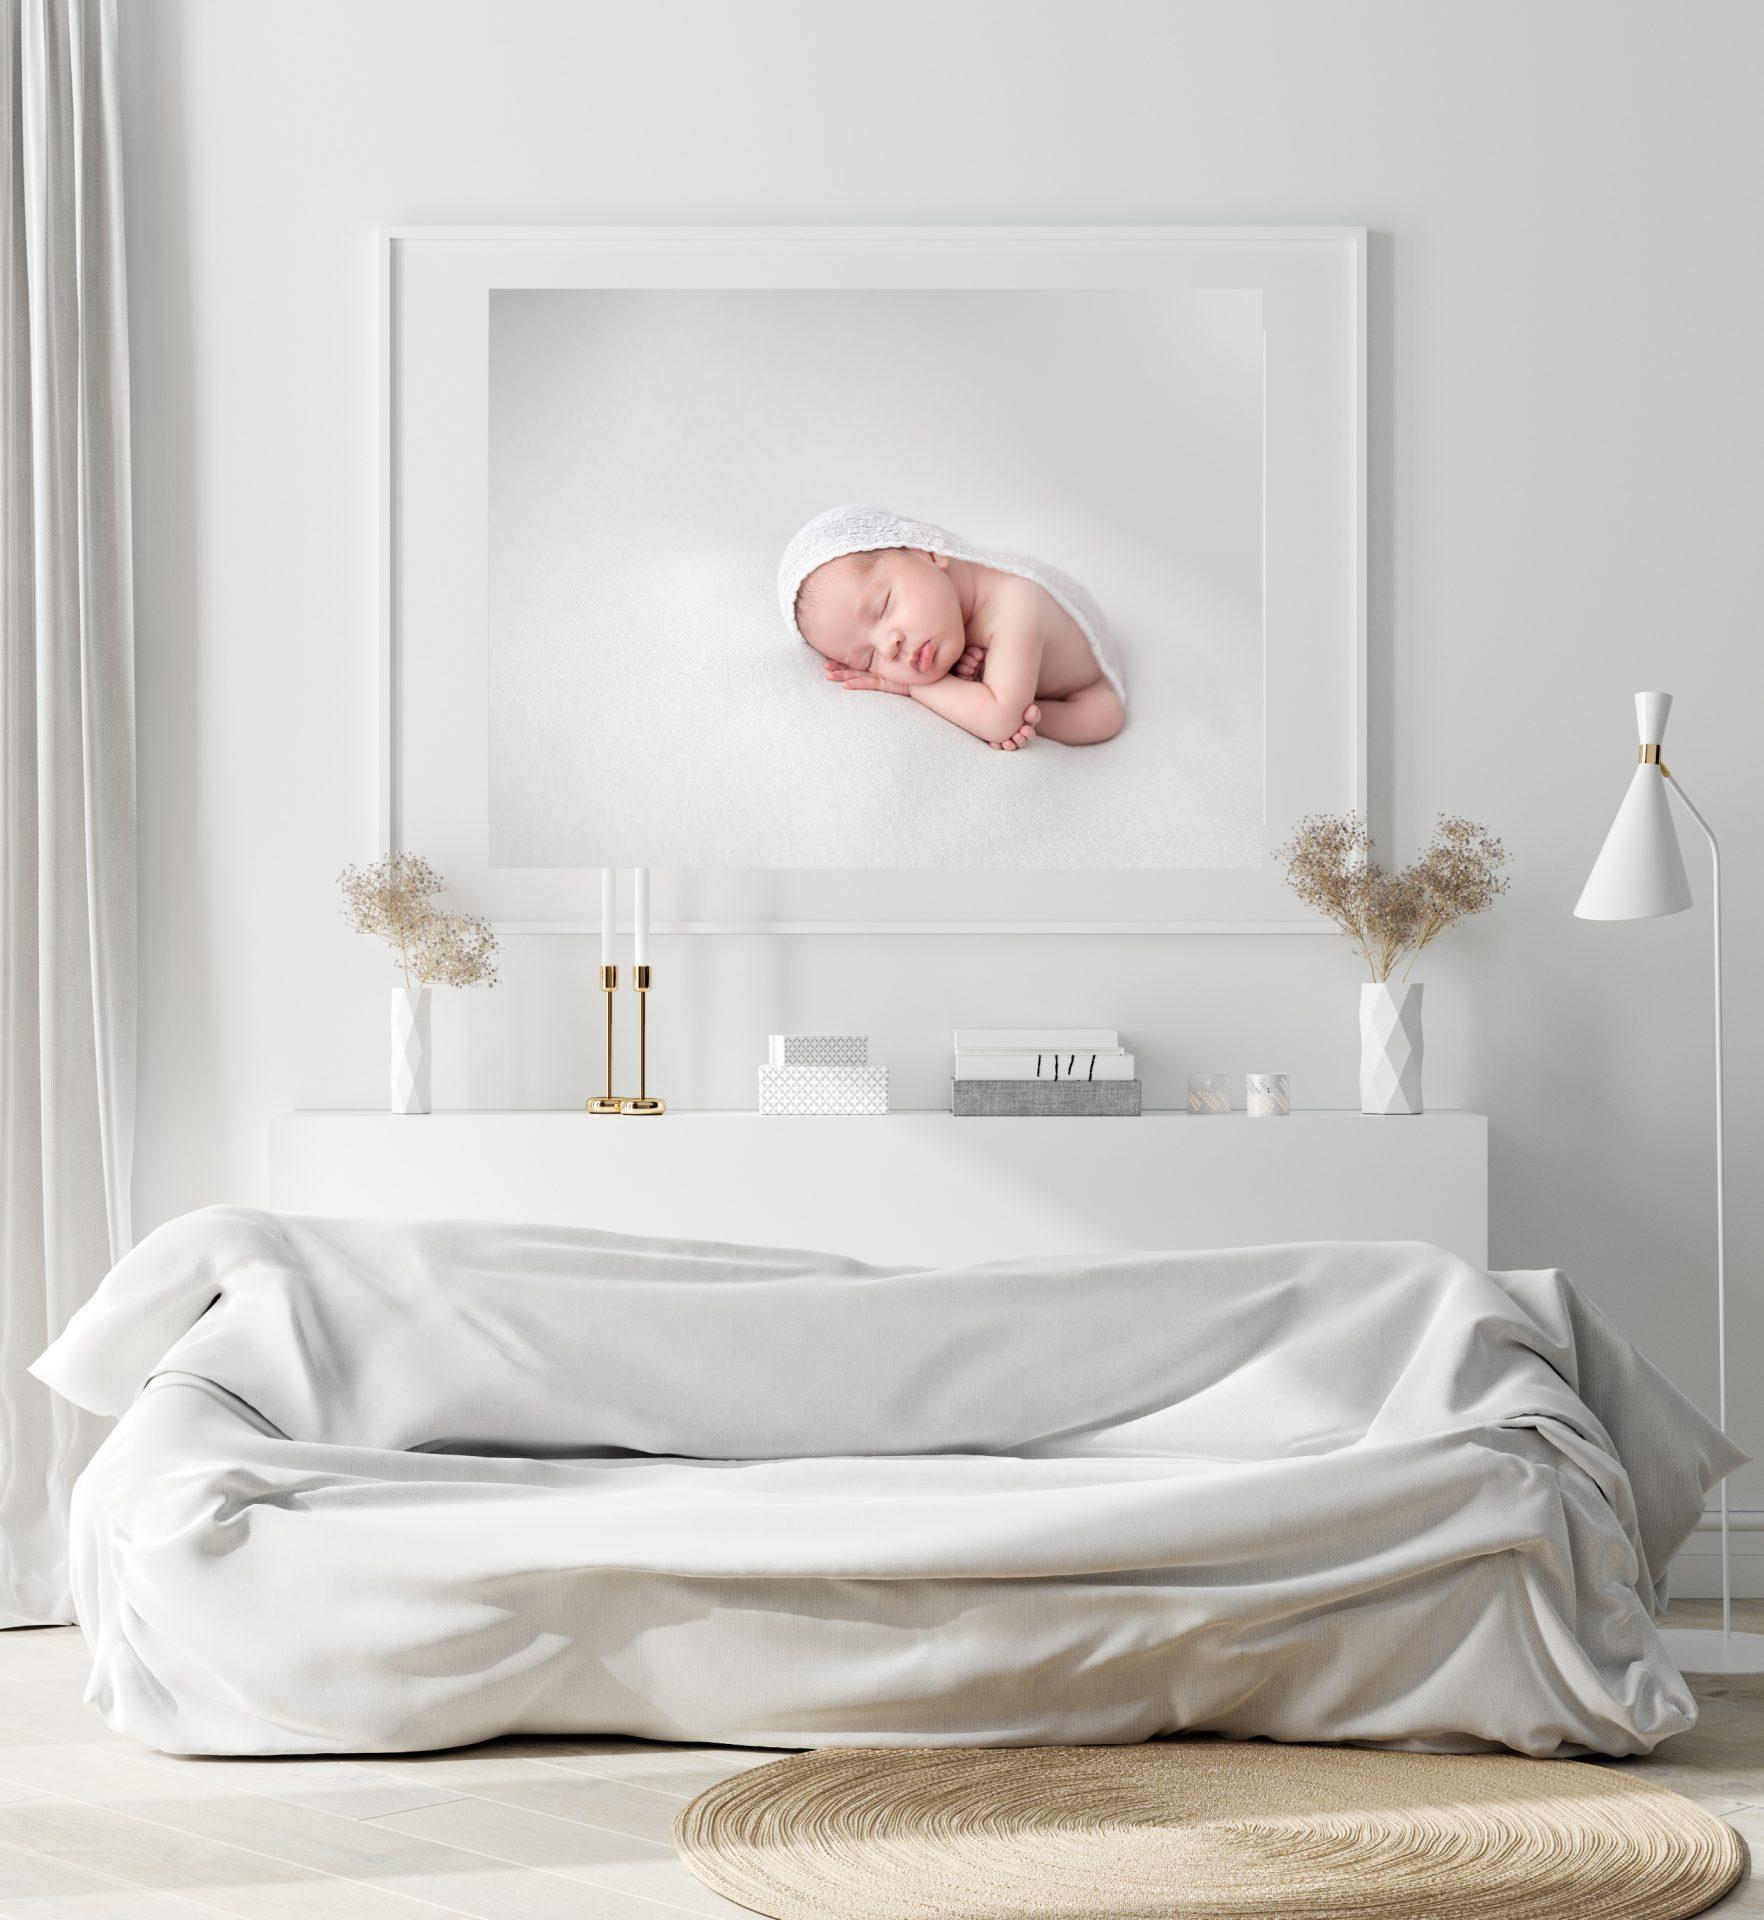 una foto de bebe recien nacida en blanco